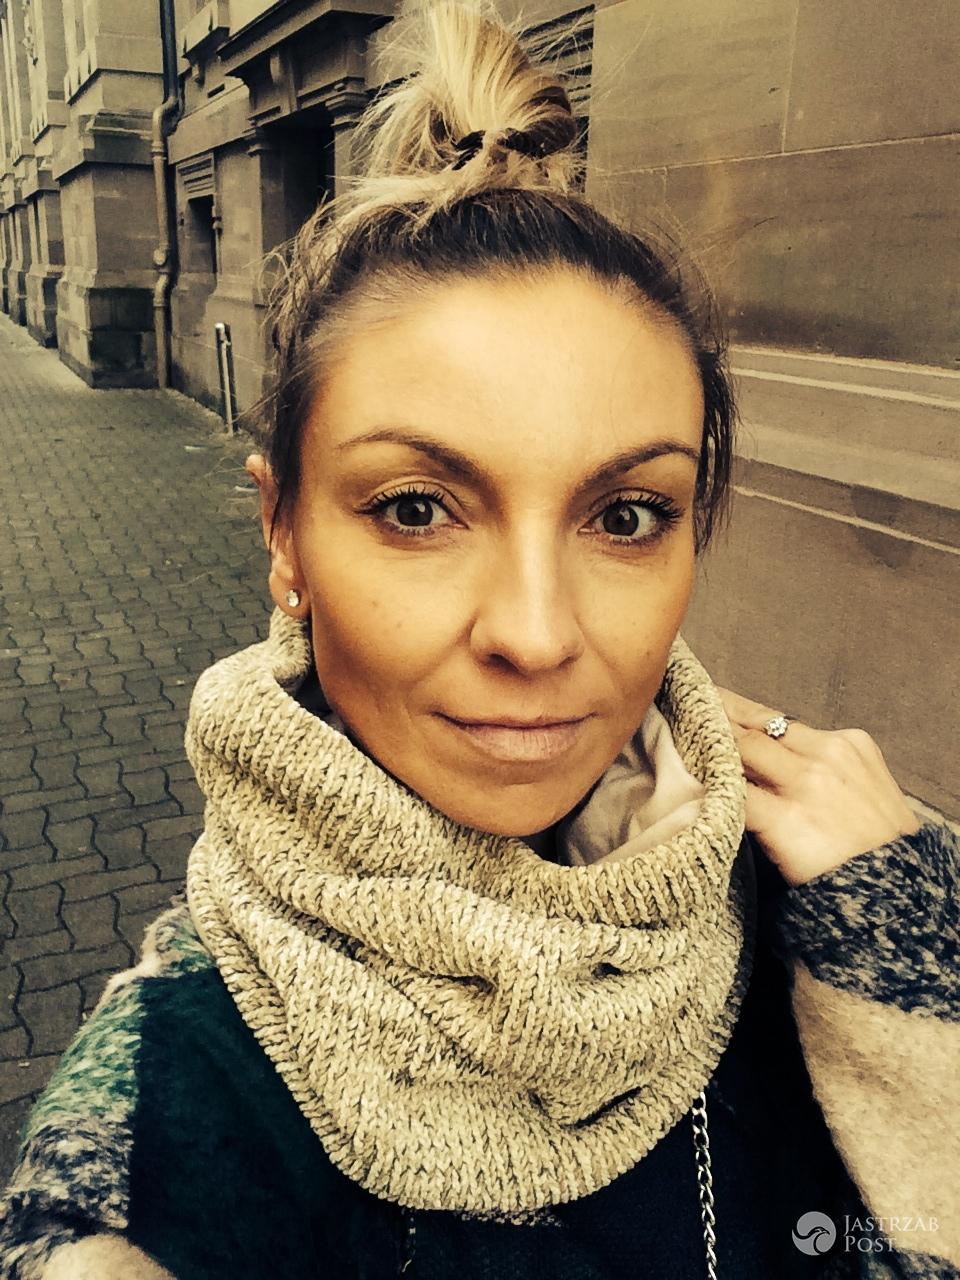 Gdzie zniknęła Marzena Sienkiewicz pogodynka Pytania na śniadanie TVP 2?